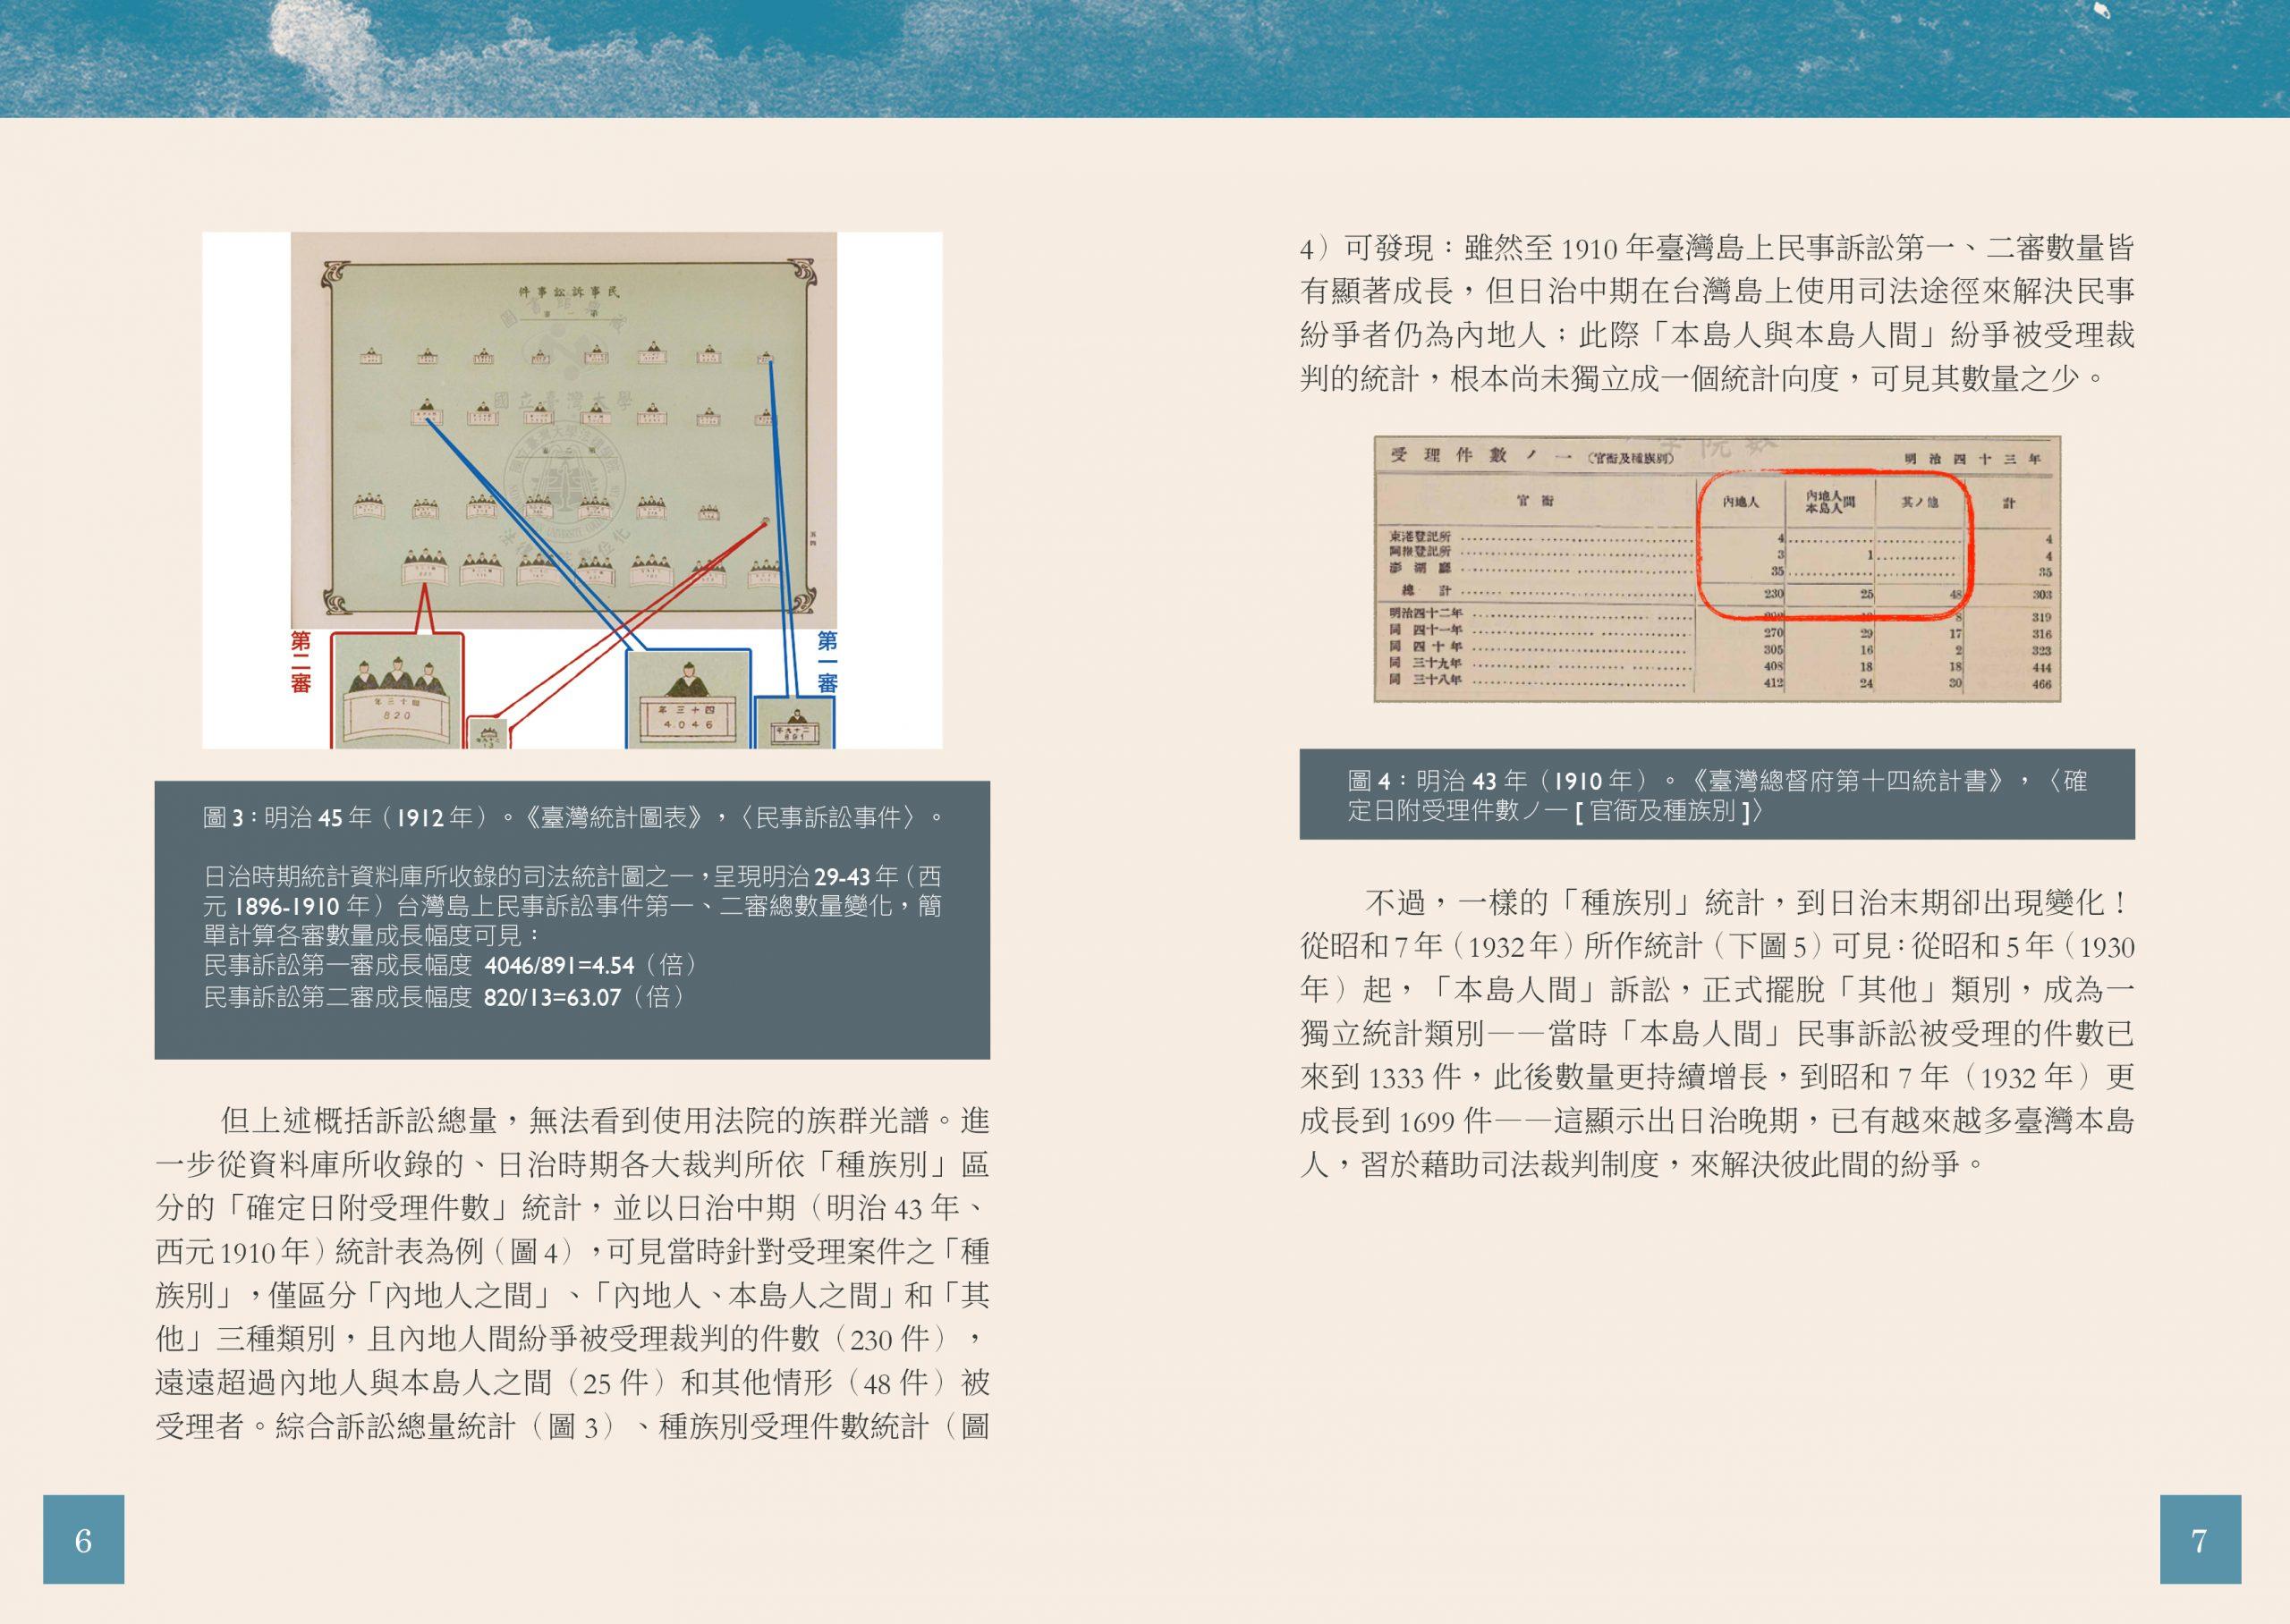 台灣法實證資料庫介紹手冊內文_1001-24